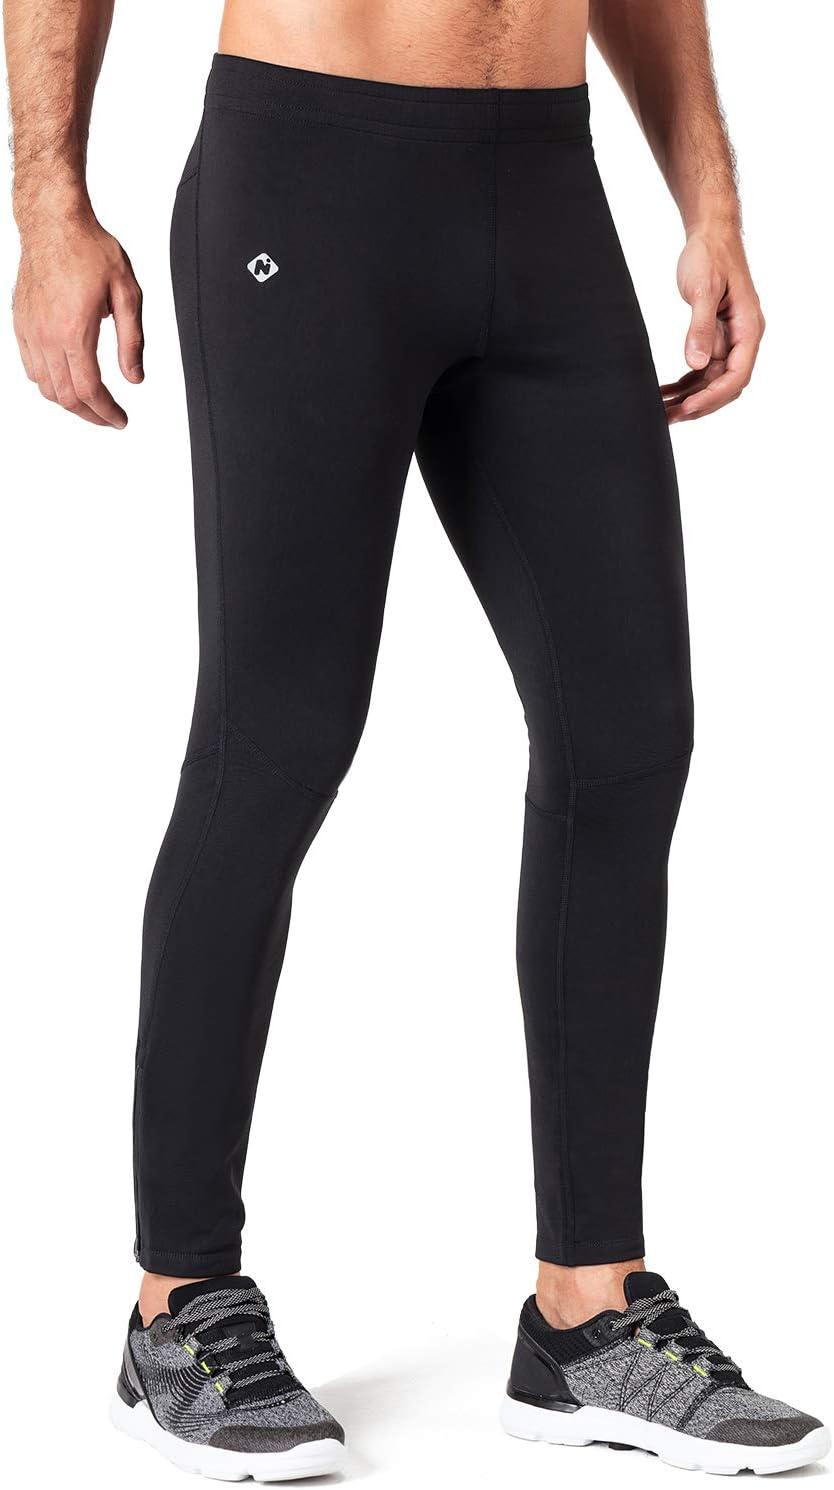 NAVISKIN Collants en Polaire Pantalons Thermique de Course pour Femme Noir